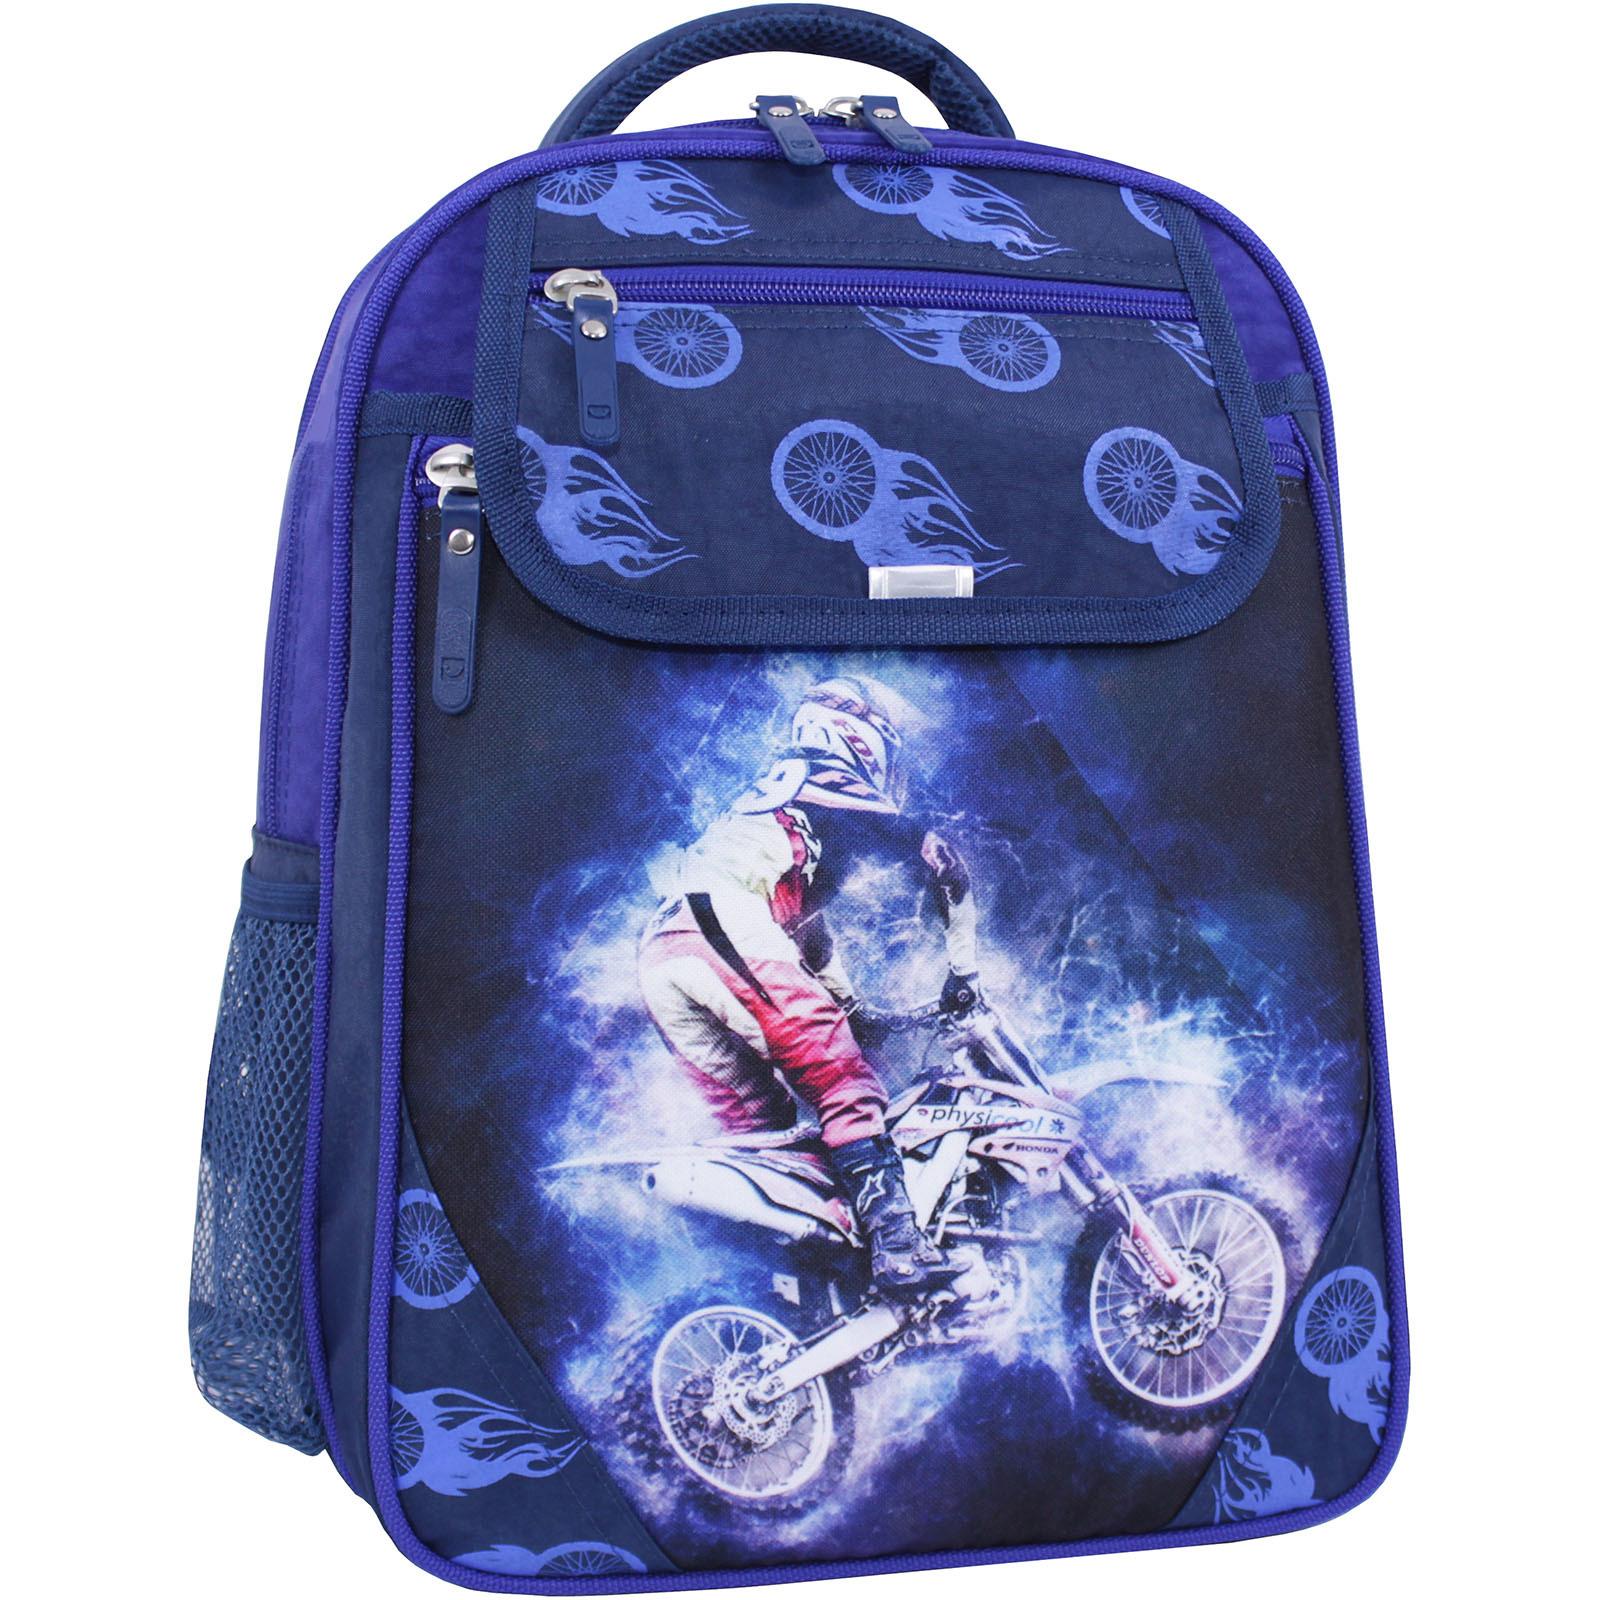 Рюкзак школьный Bagland Отличник 20 л. 225 синий 507 (0058070) фото 1